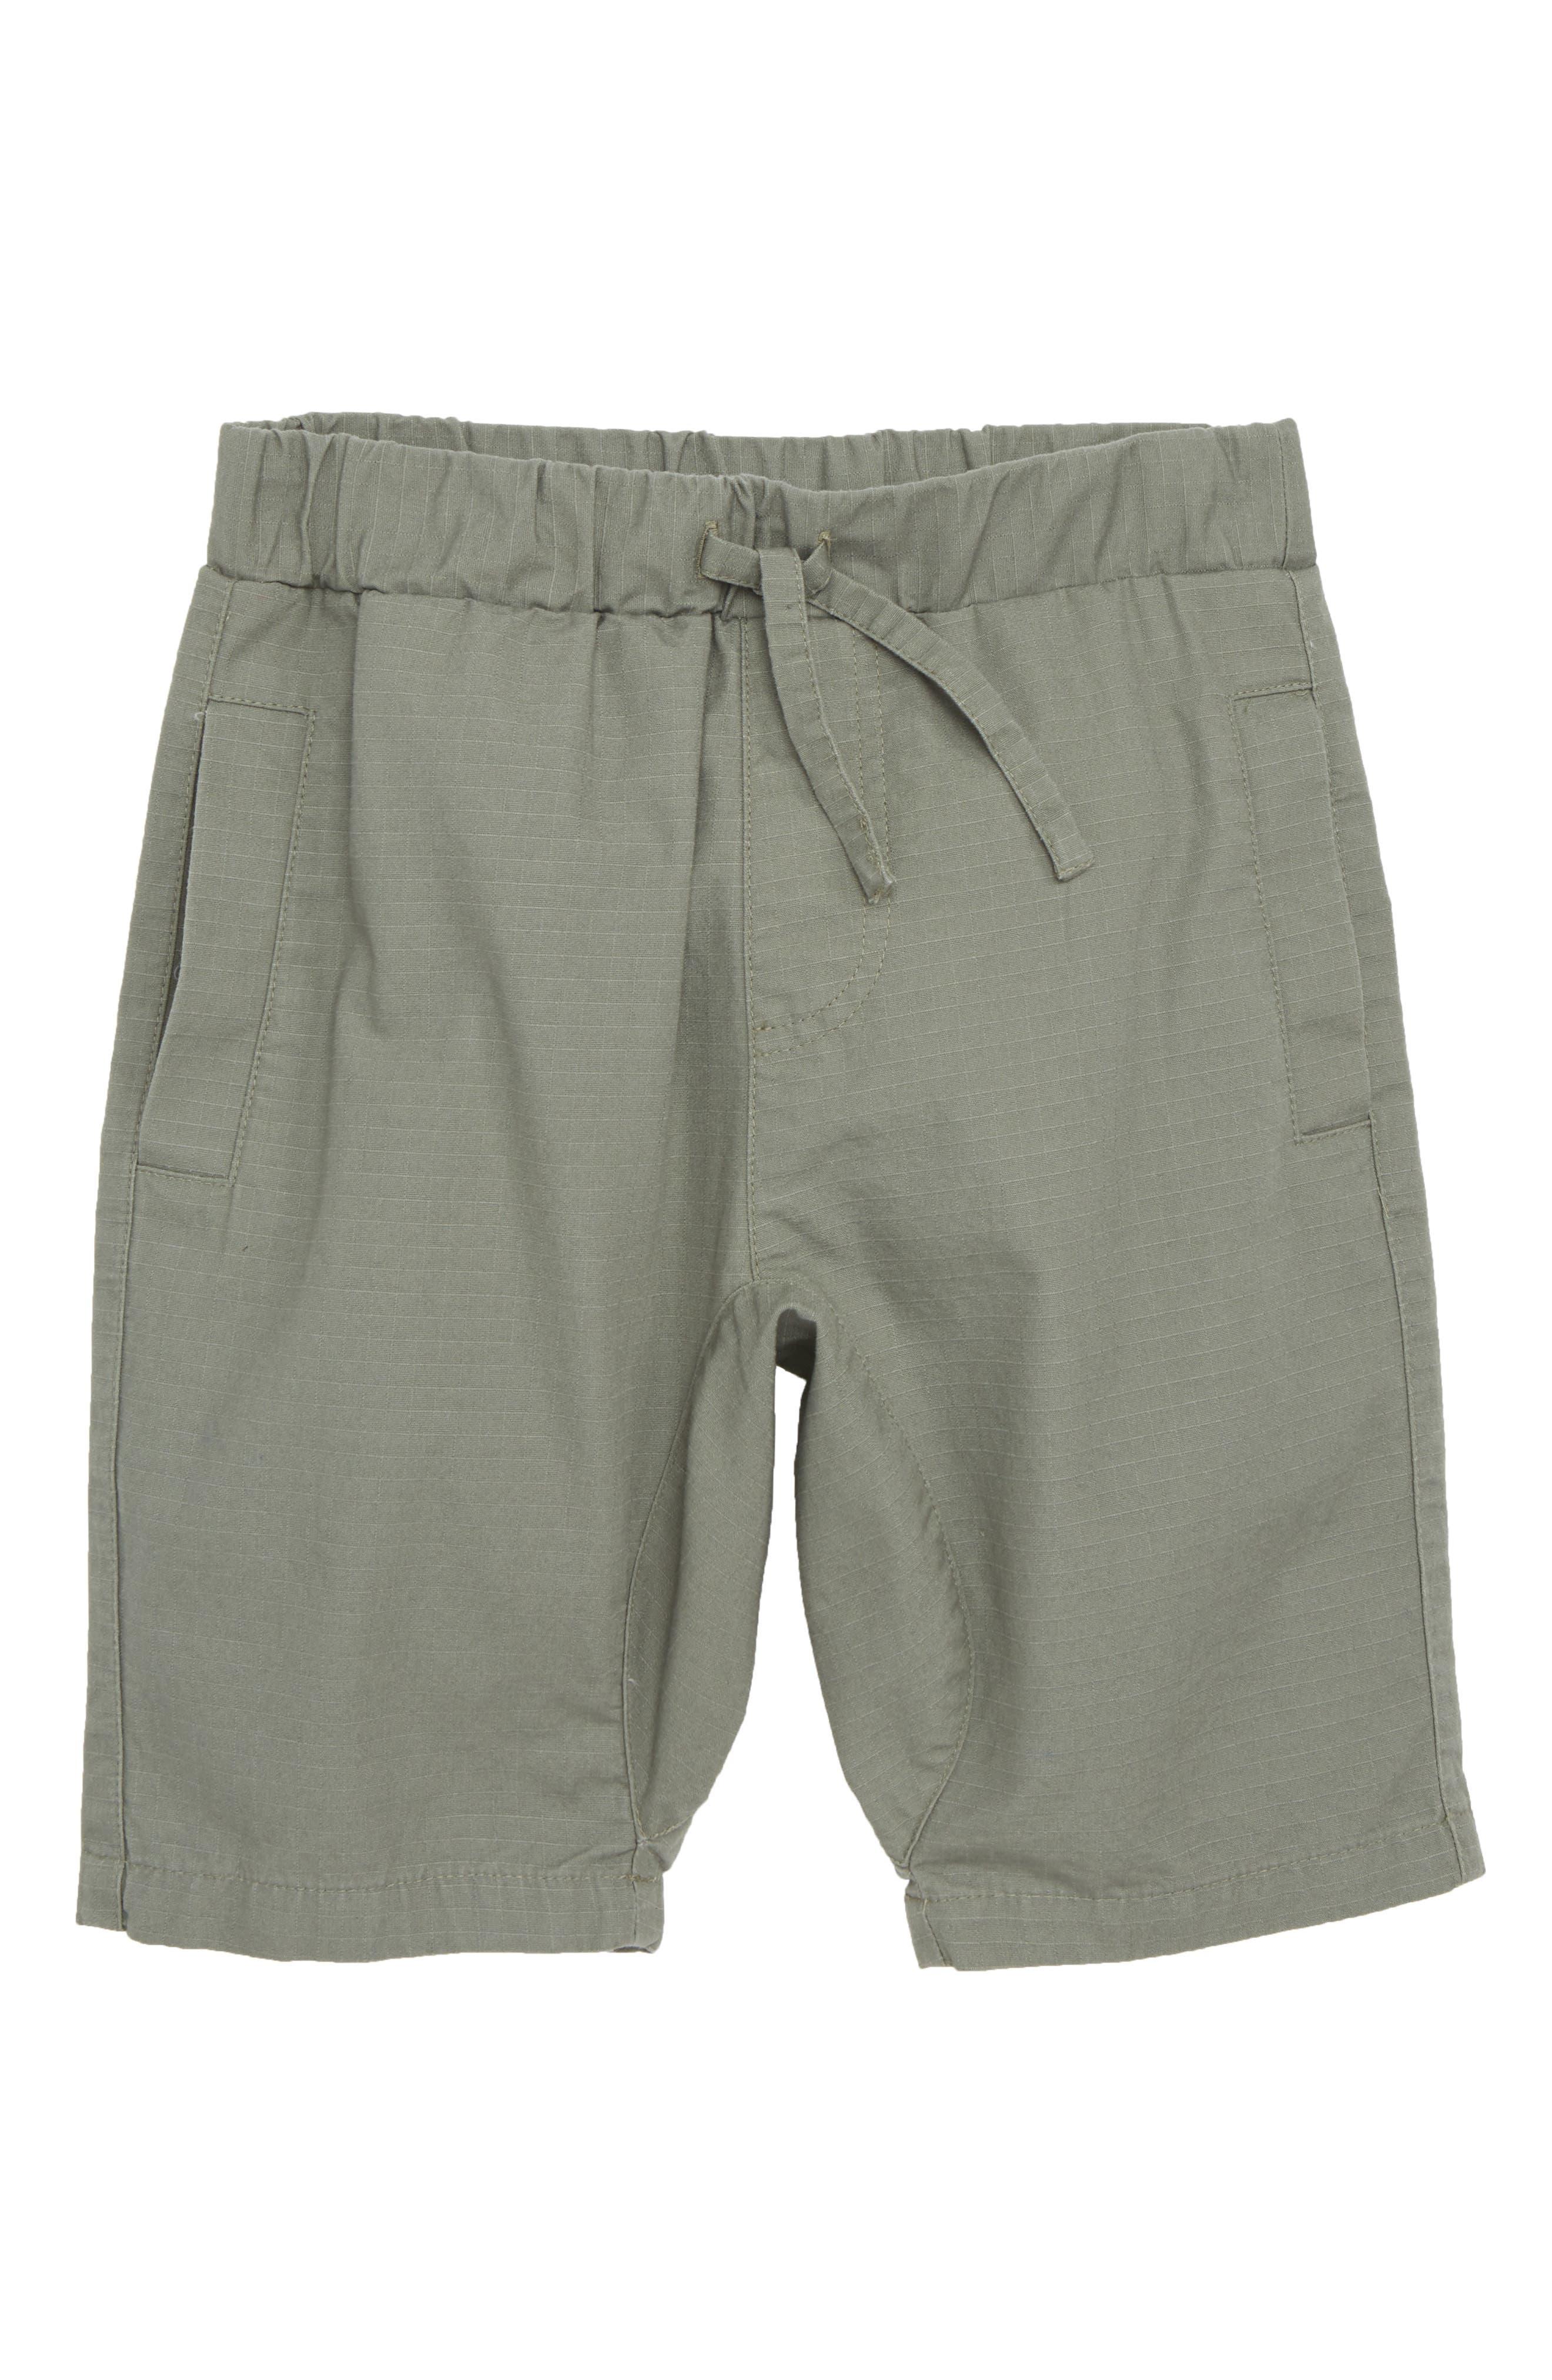 Ripstop Shorts,                         Main,                         color, Green Agave